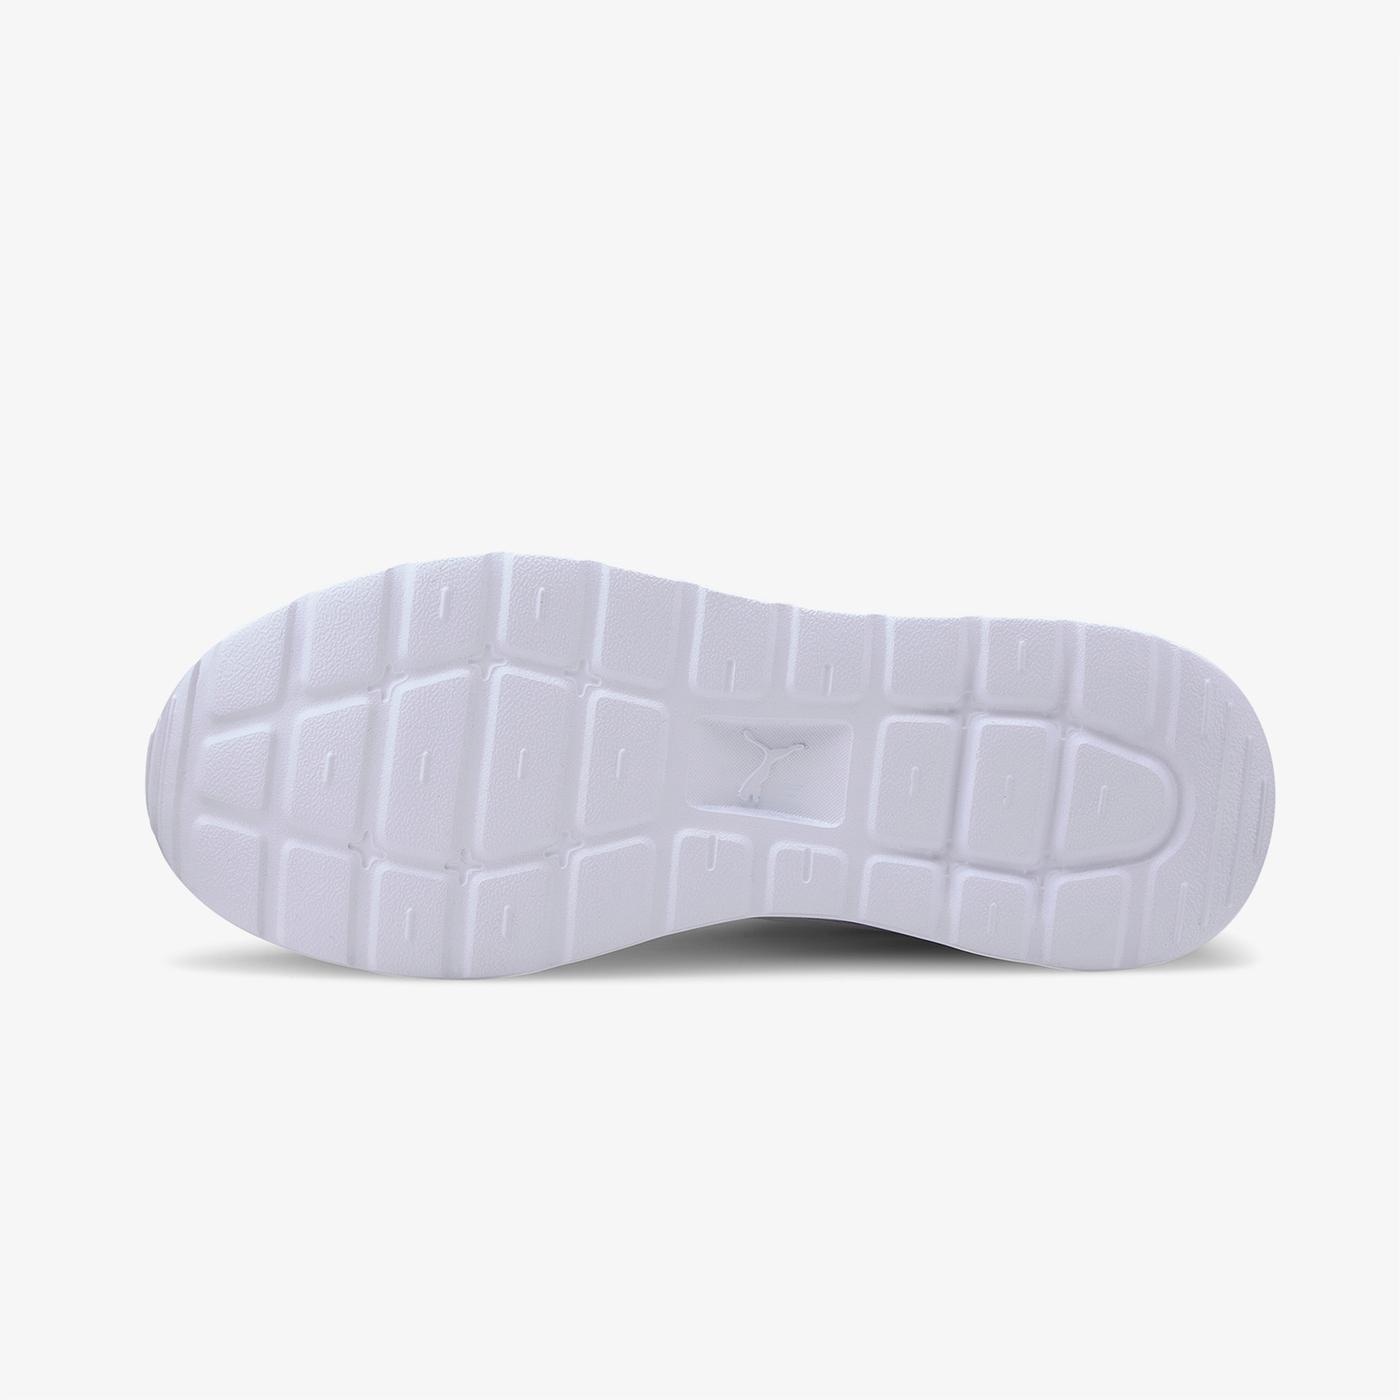 Puma Anzarun Lite Erkek Beyaz Spor Ayakkabı